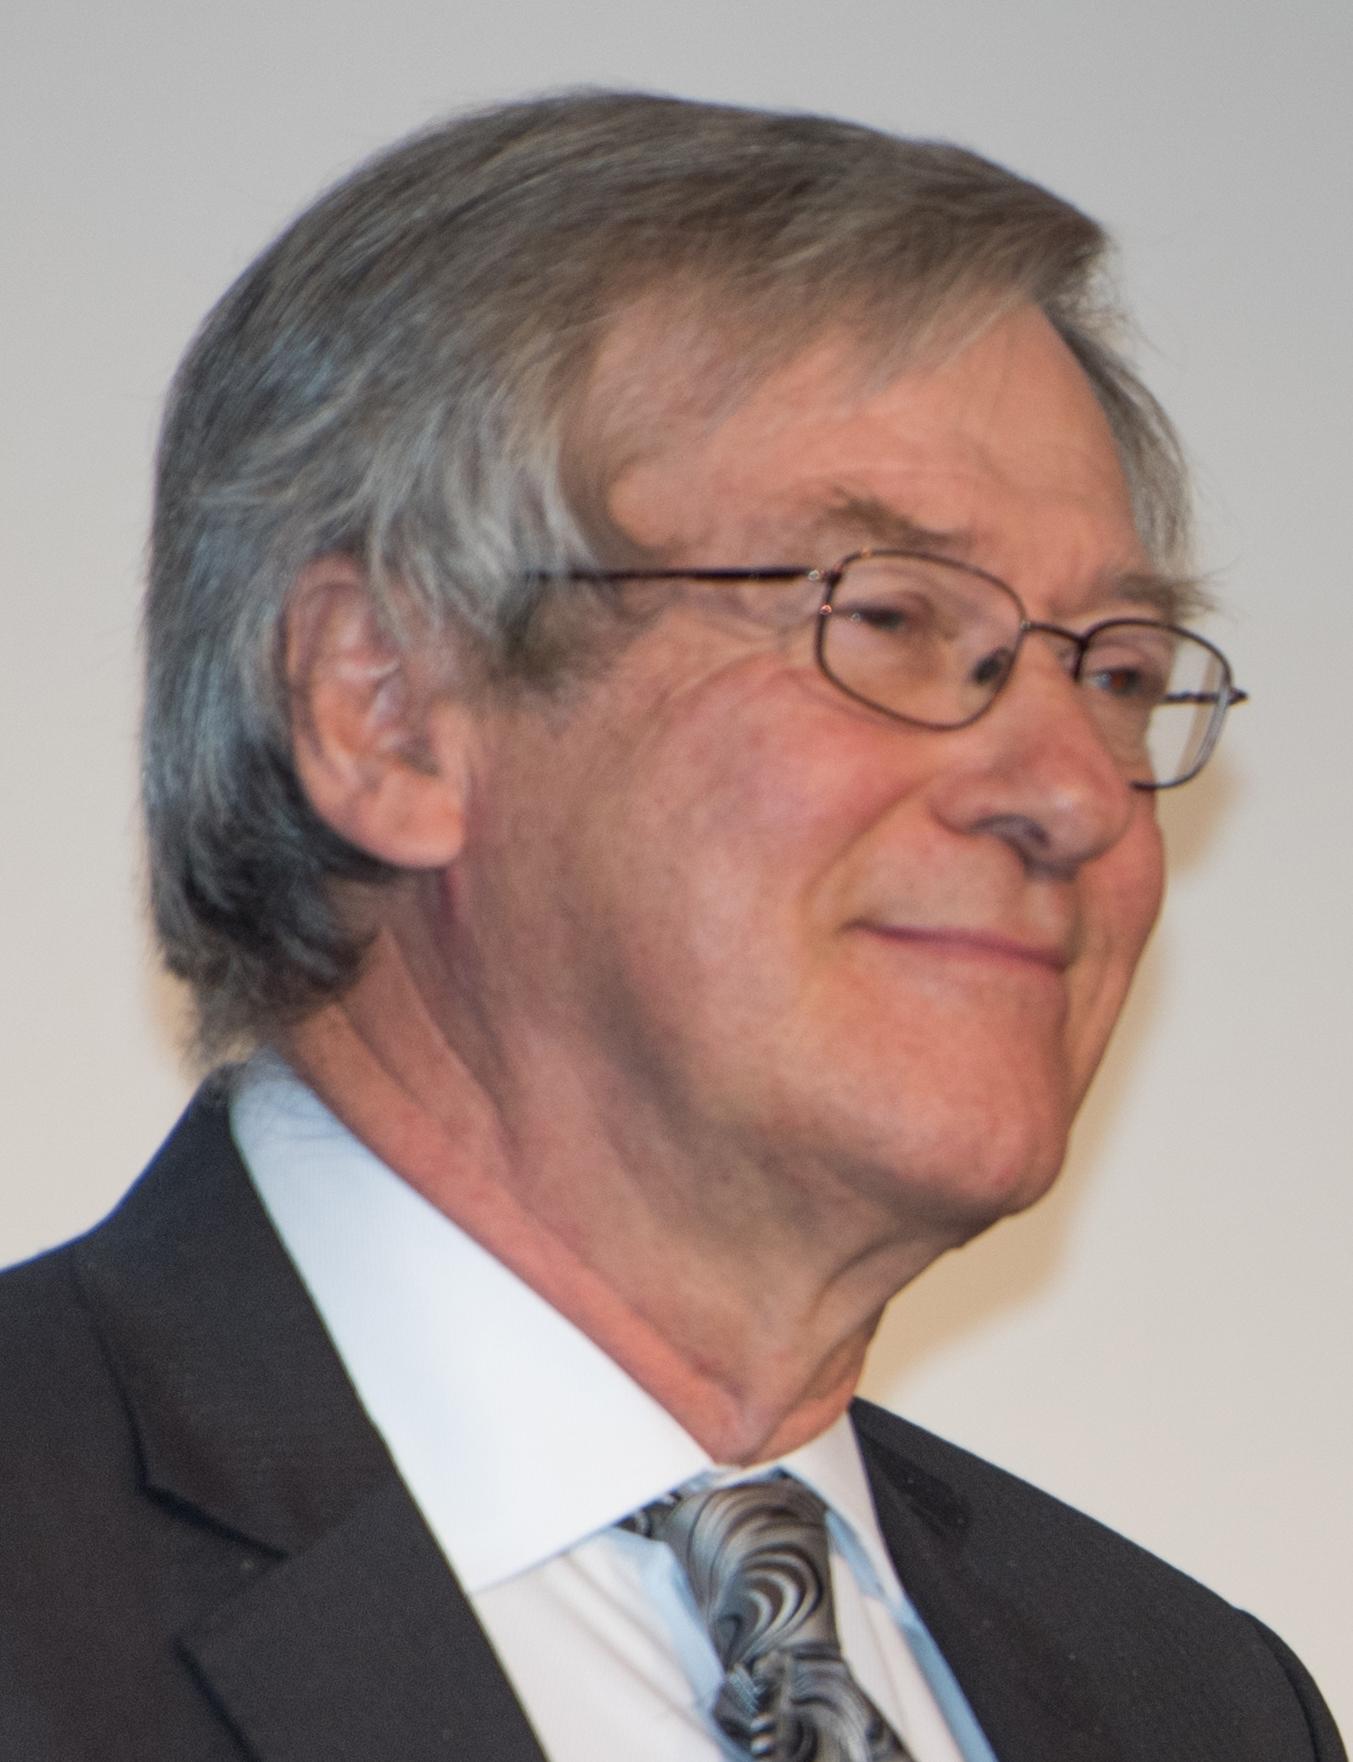 image of Roger Blandford